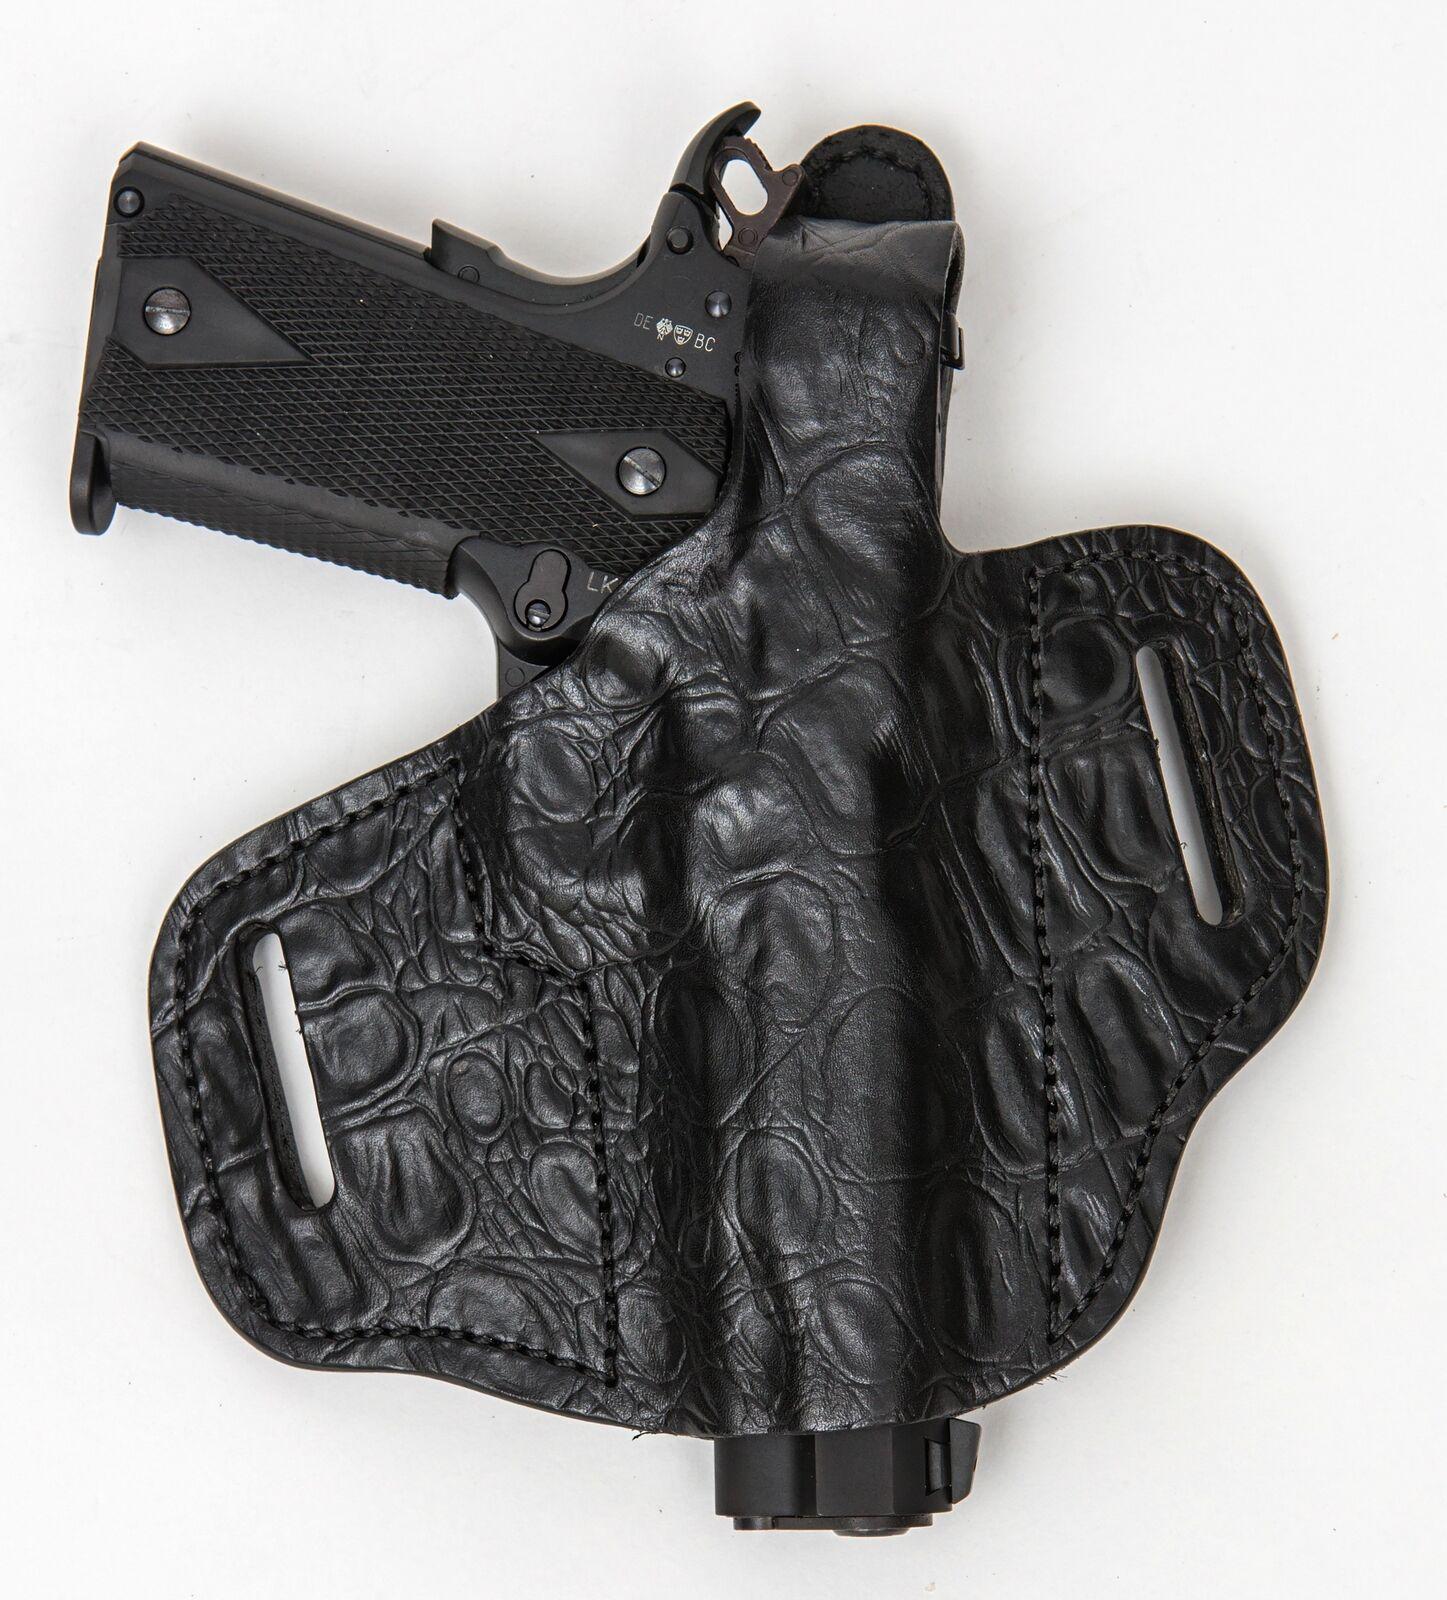 En servicio ocultar RH LH owb Cuero Funda Pistola para Springfield 1911 4